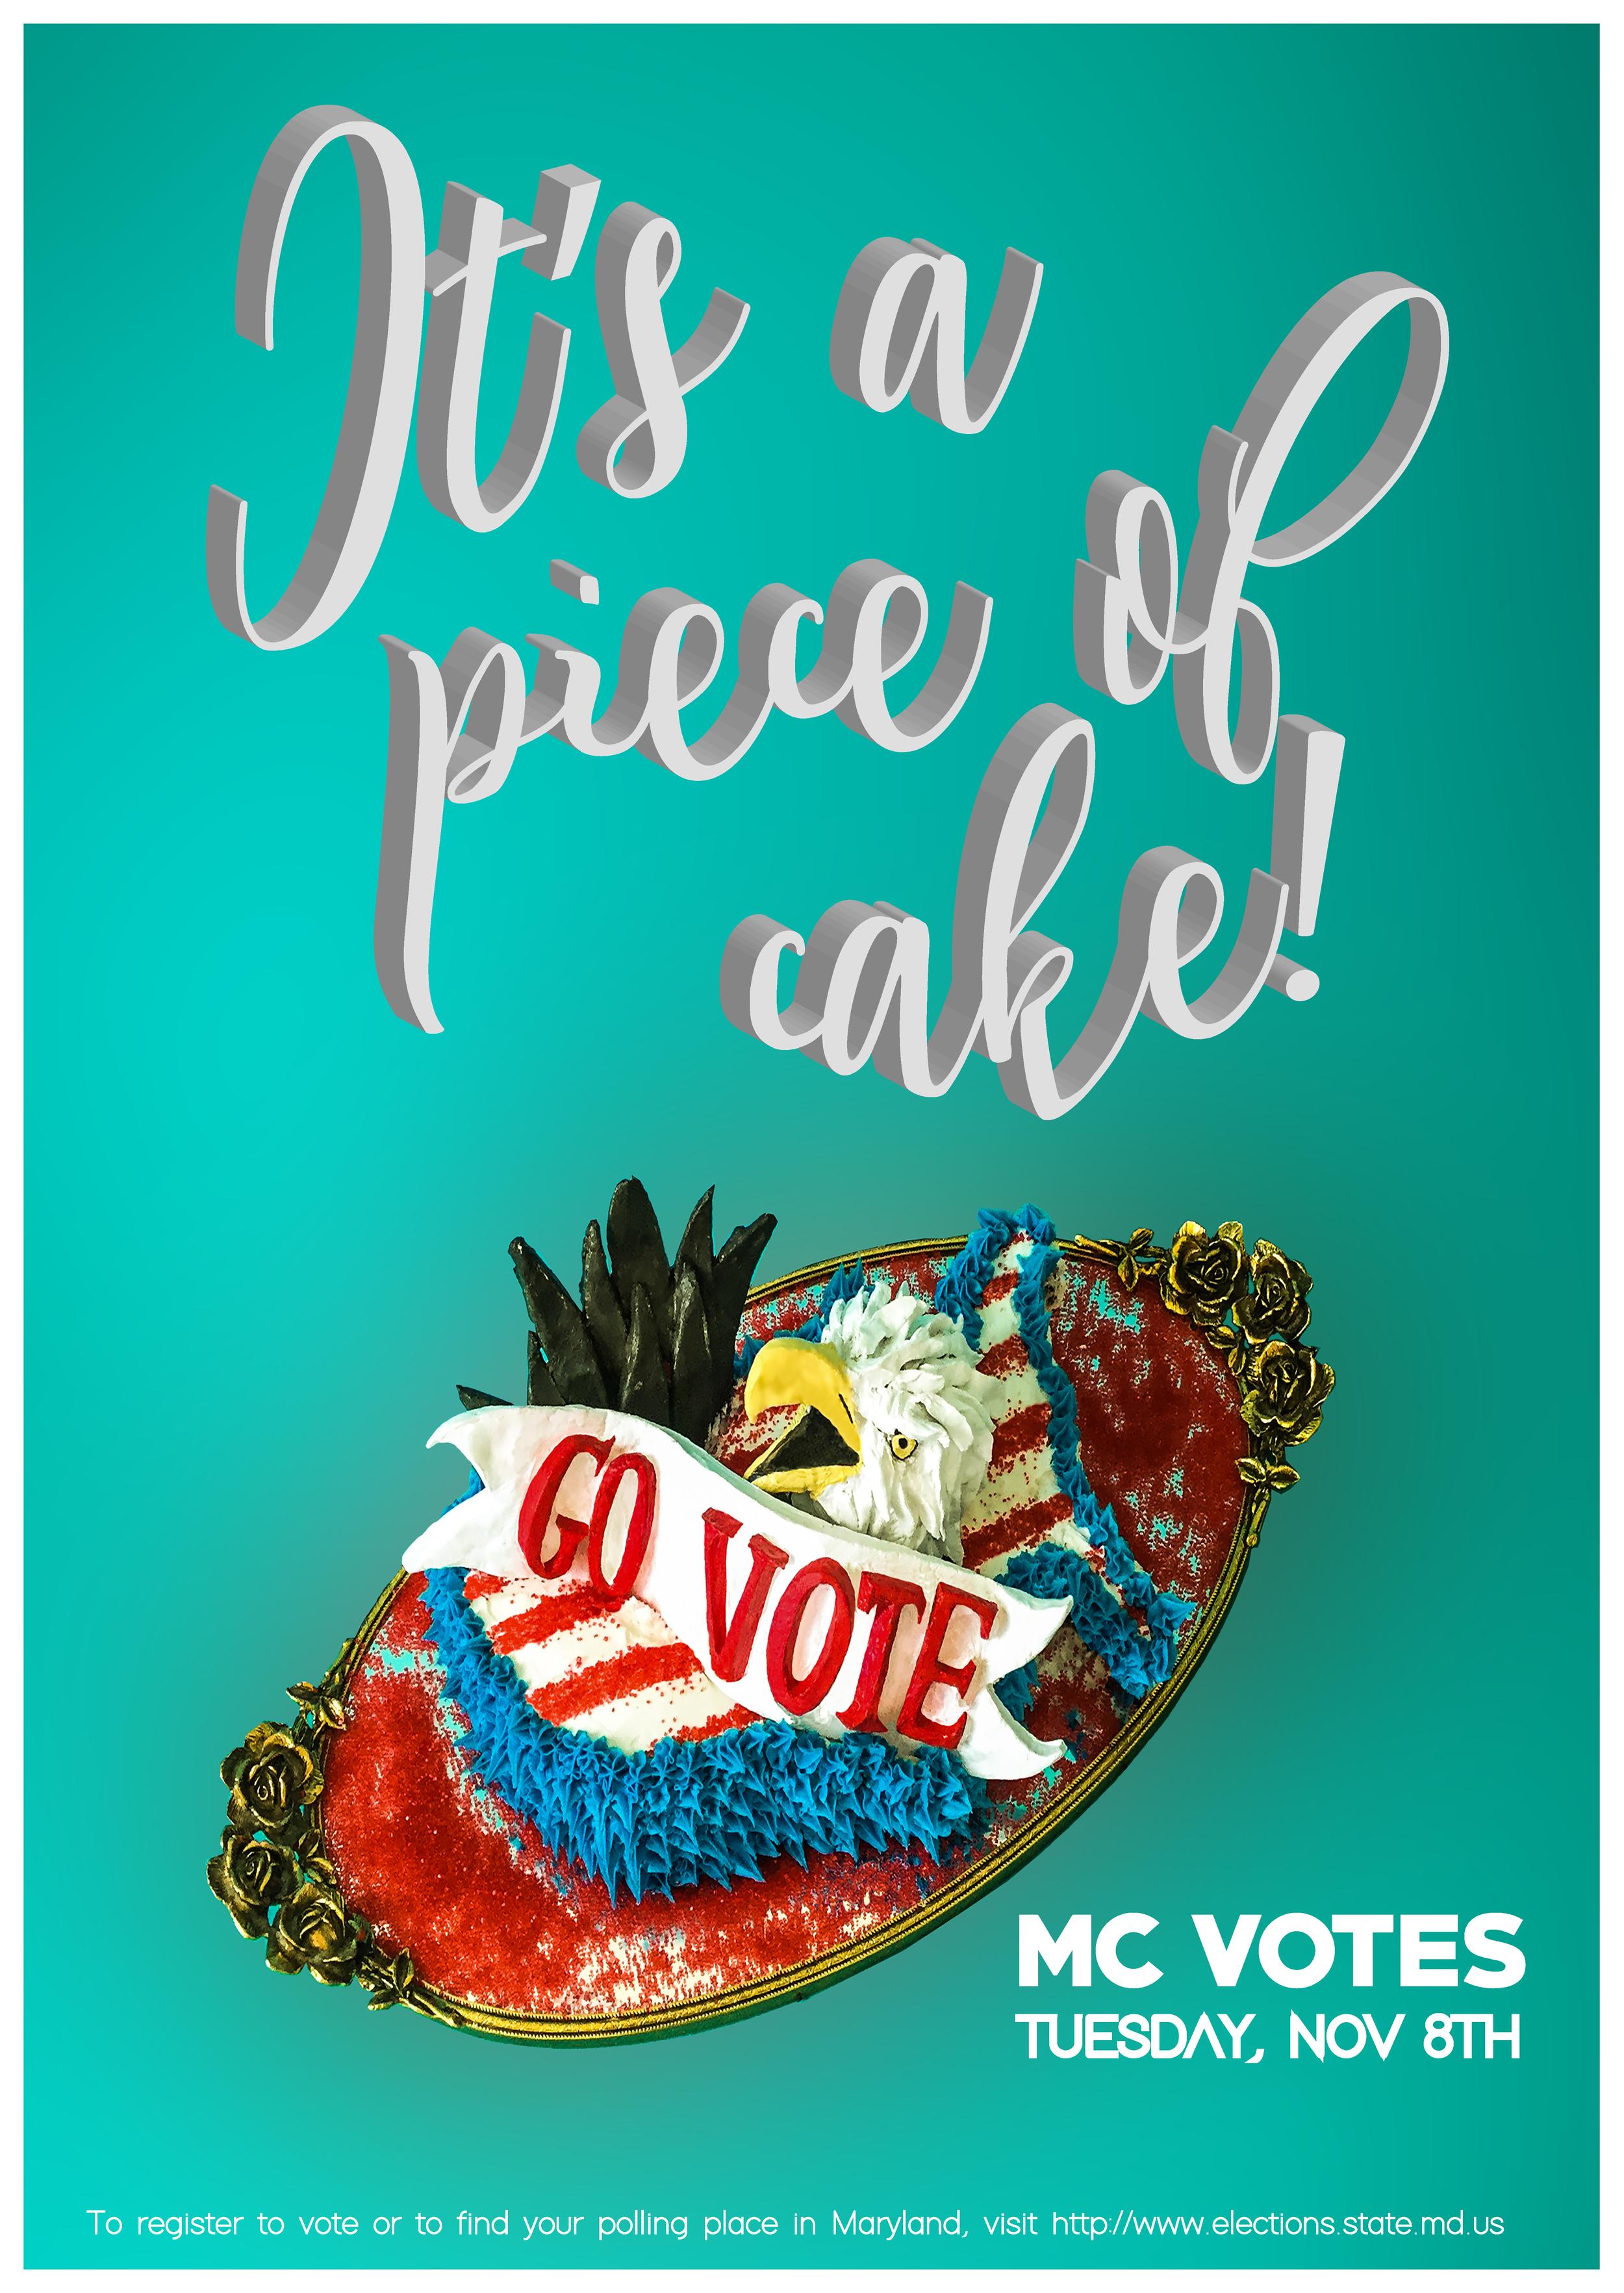 MC Votes Poster Campaign, 2016